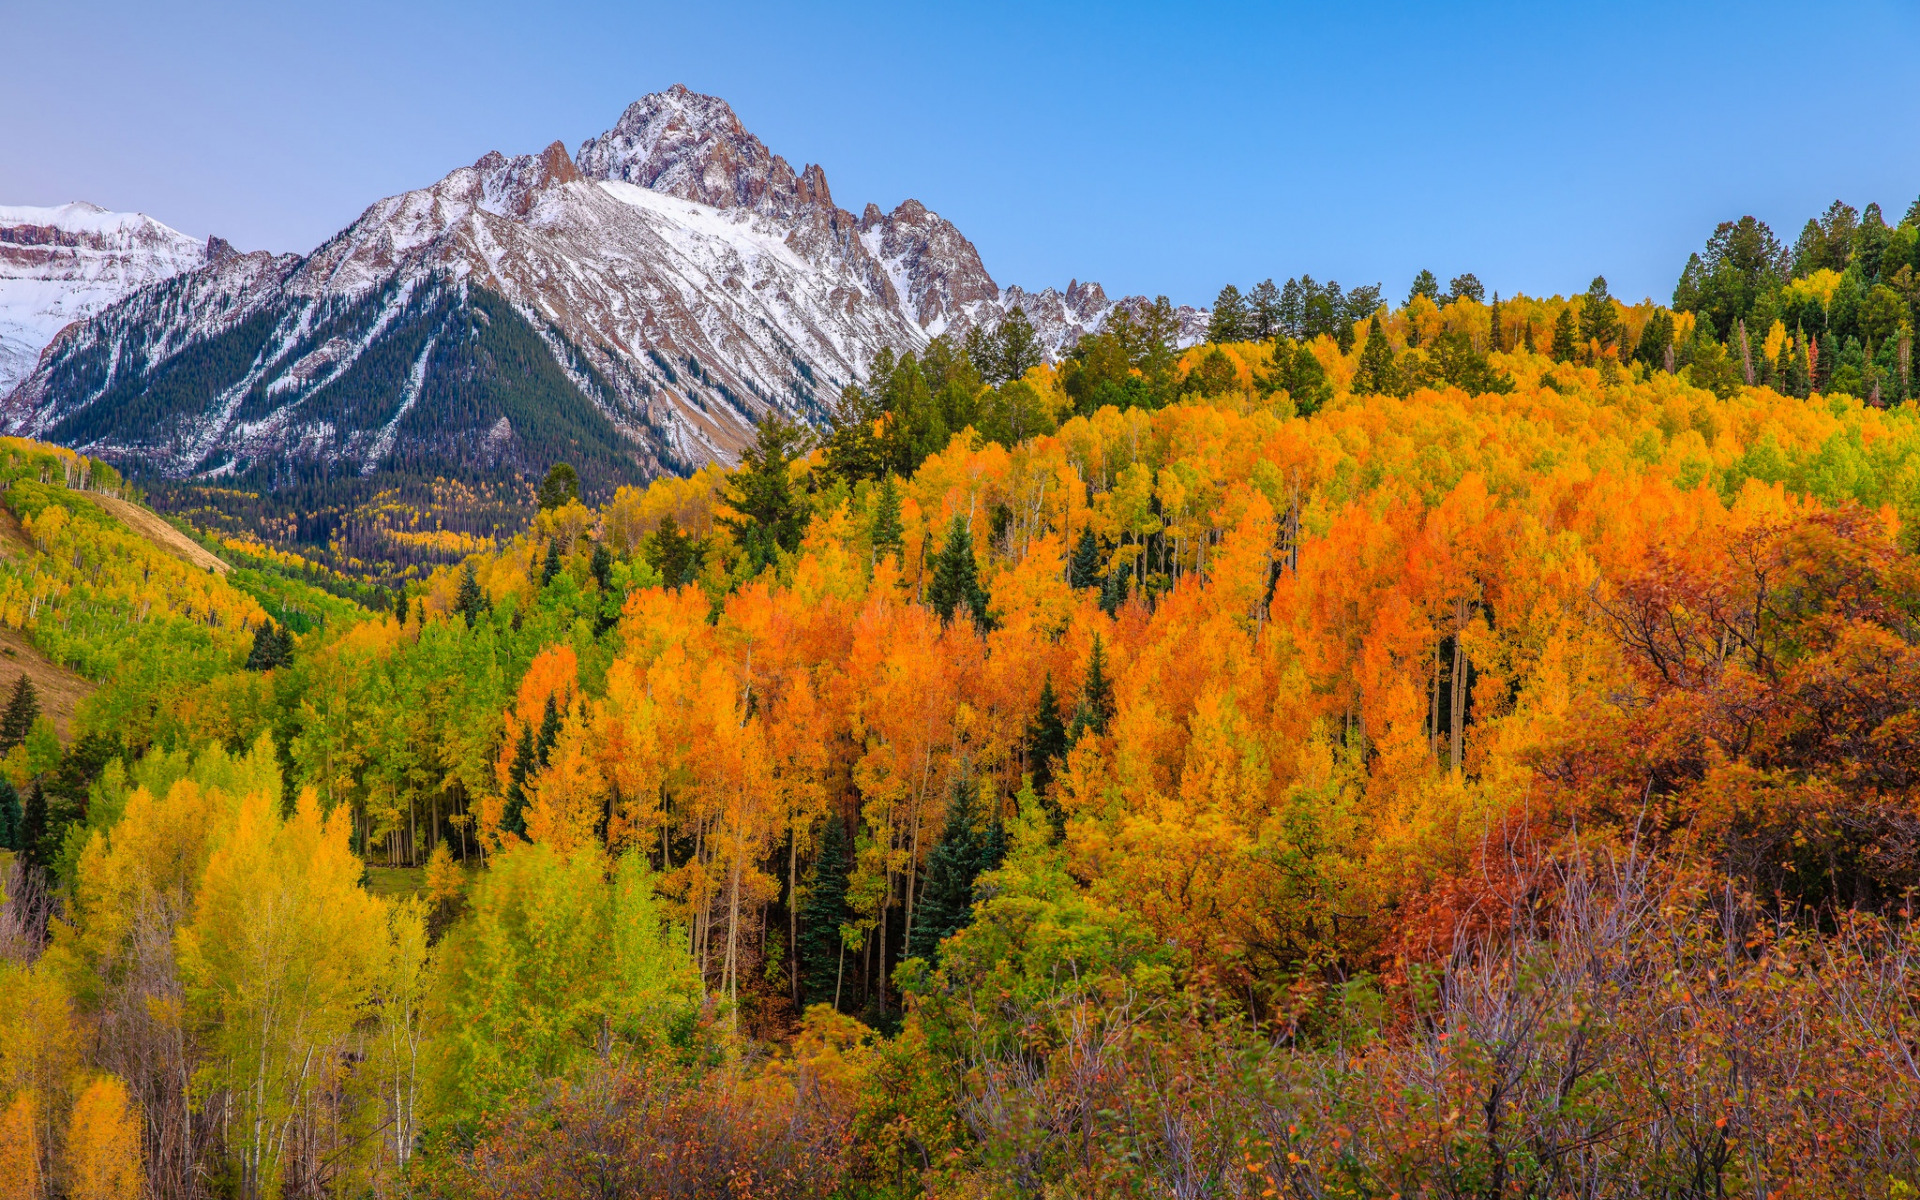 фото картинки природа в горах осень когда-то